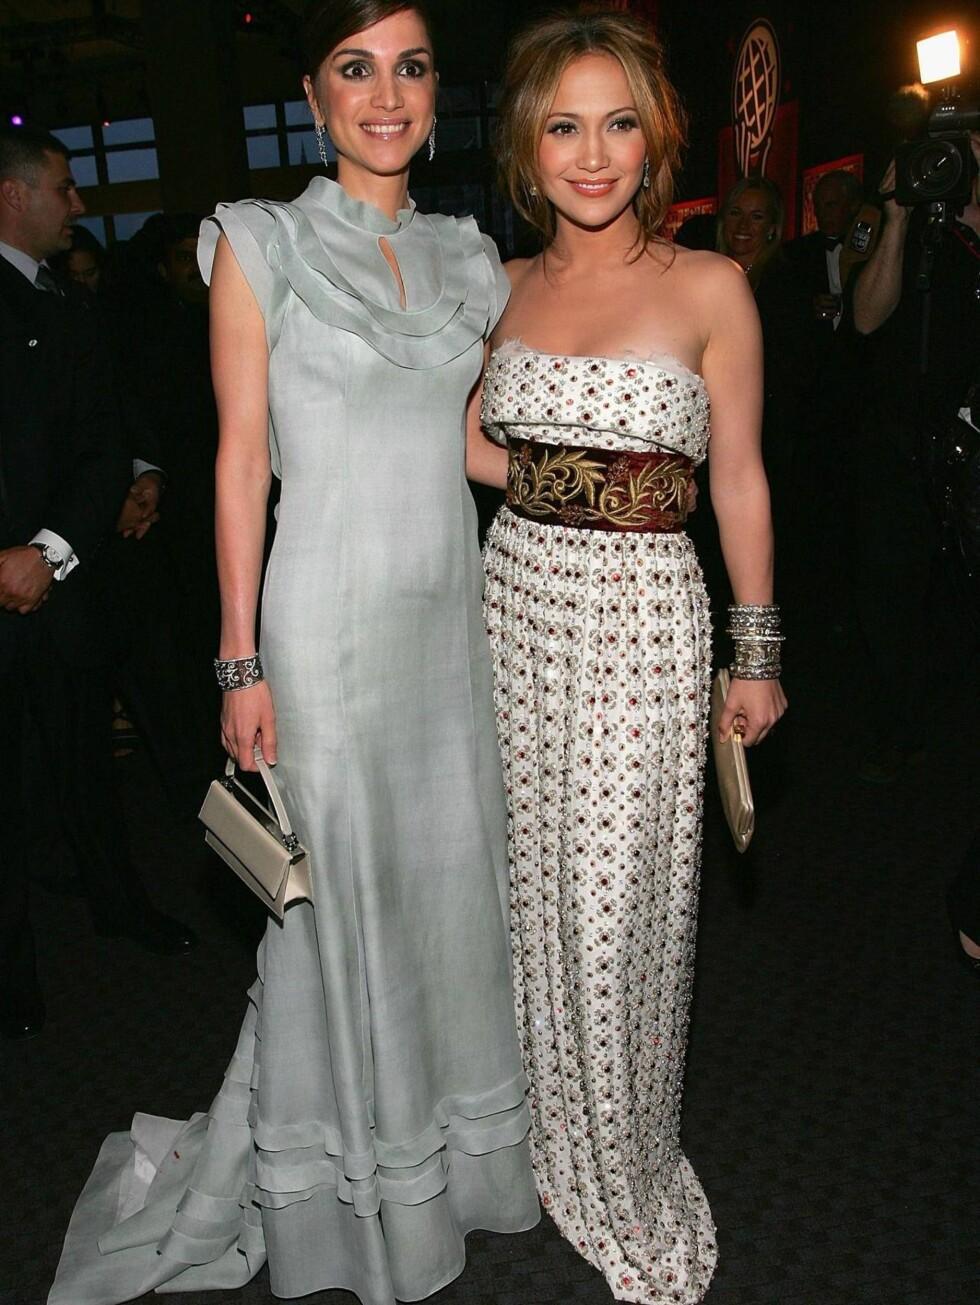 ELEGANT DUO: Dronning Rania og Jennifer Lopez gir stil et ansikt i fotside kjoler. Foto: All Over Press